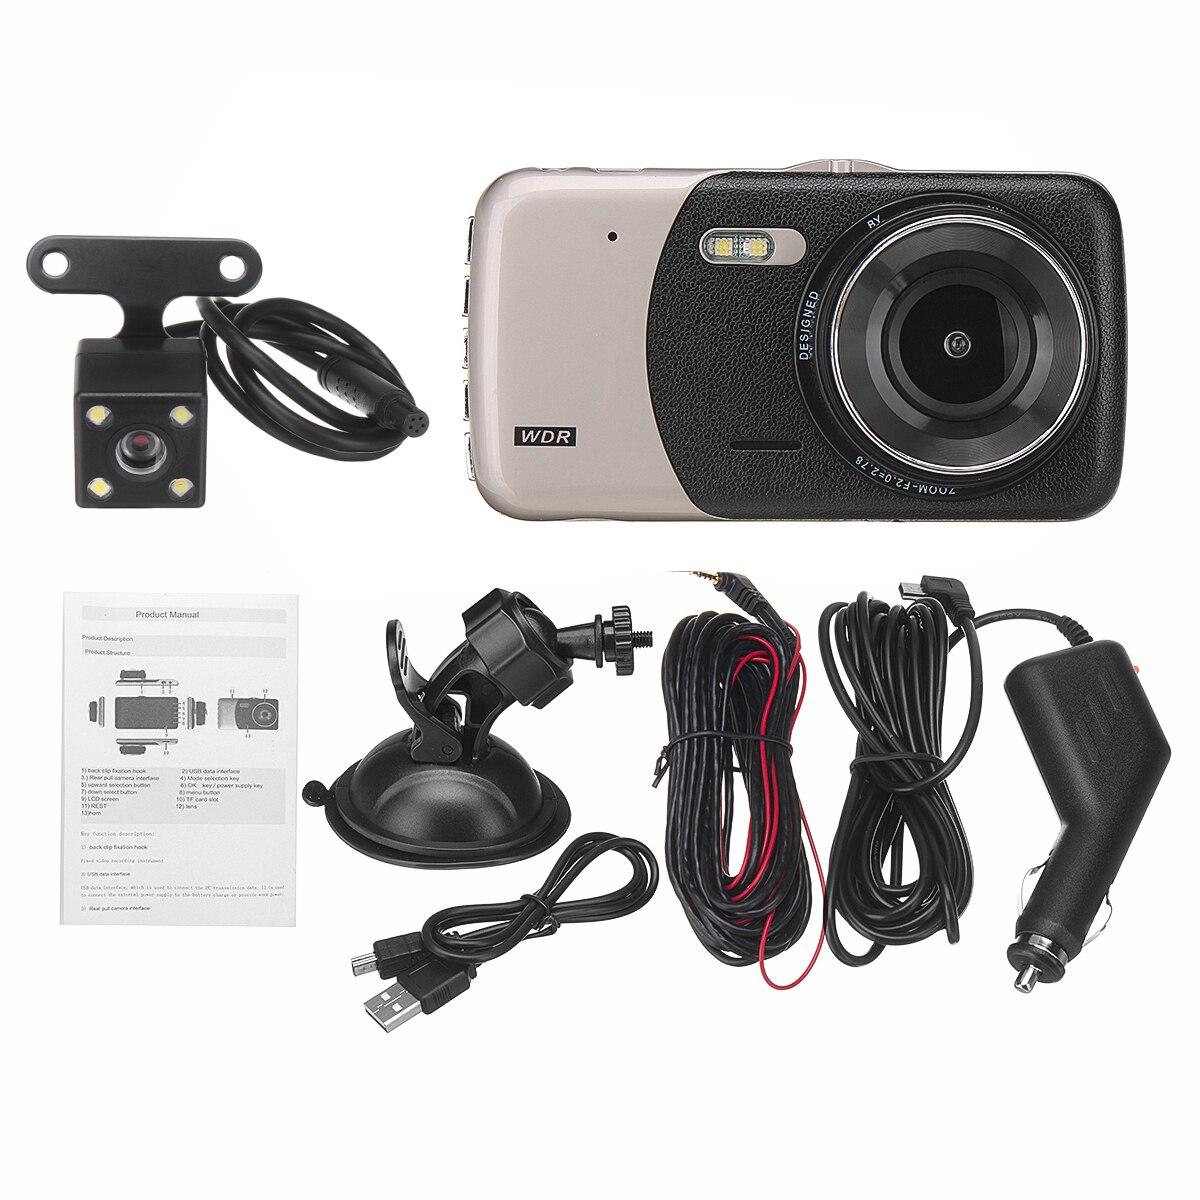 3,6 Full HD двойной объектив 170 градусов регистратор движения и камера заднего вида и кронштейн и зарядка автомобиля для автомобиля